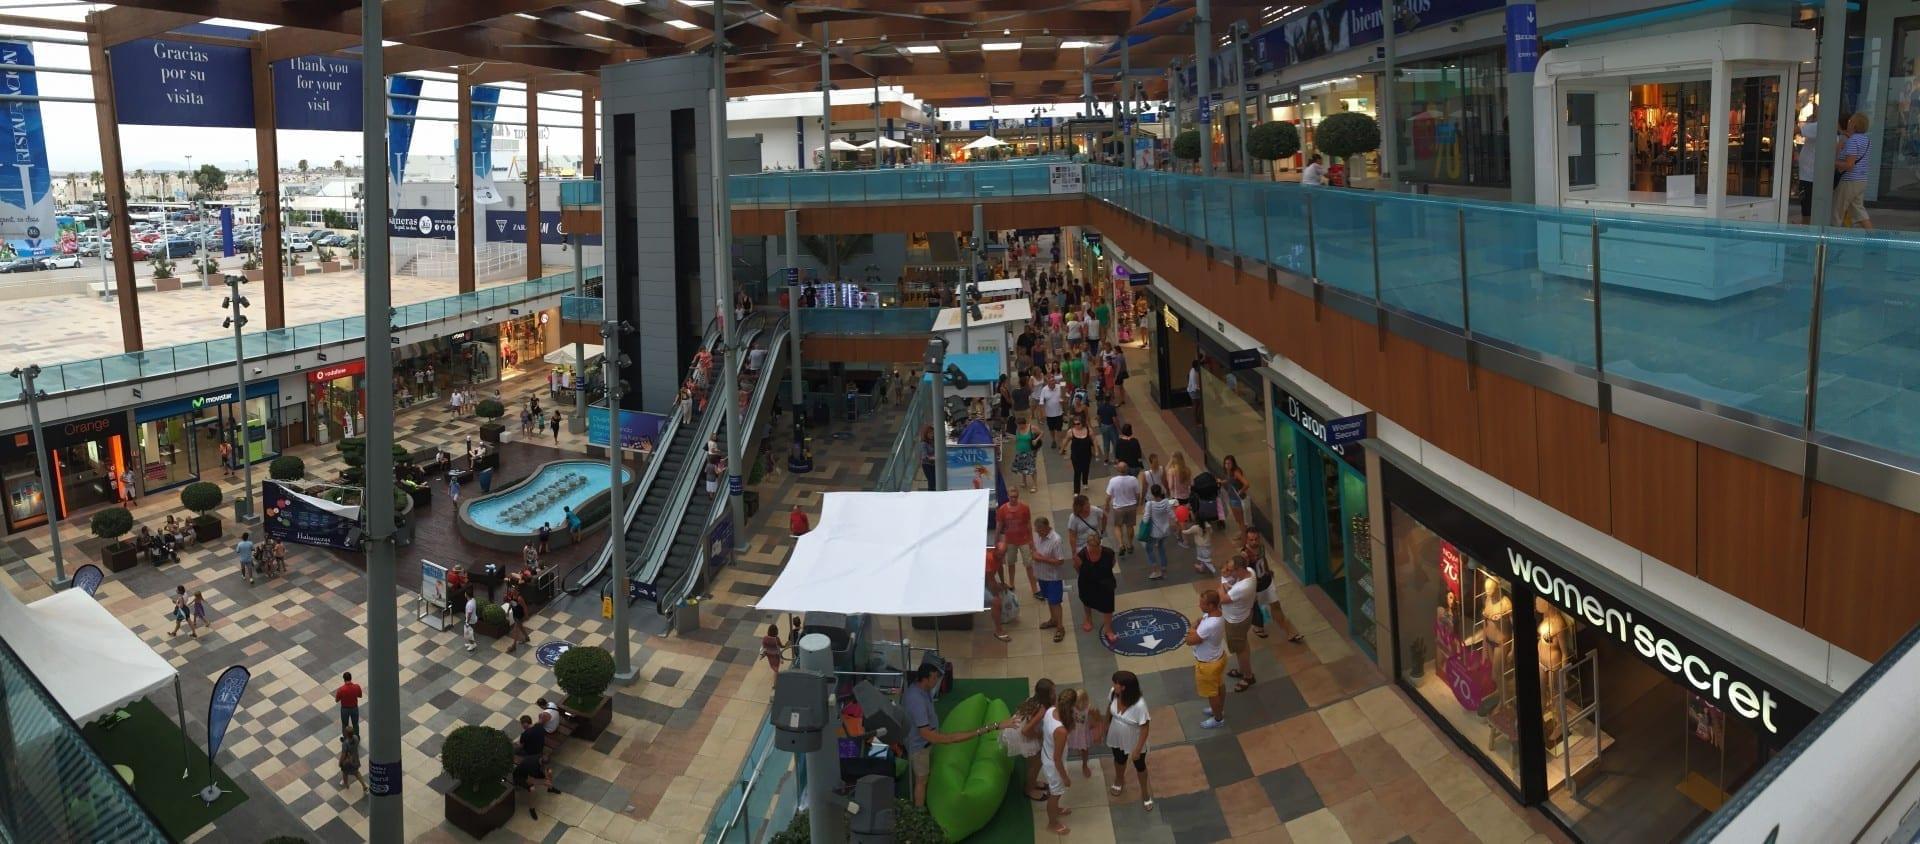 Centro Comercial Habaneras Torrevieja España